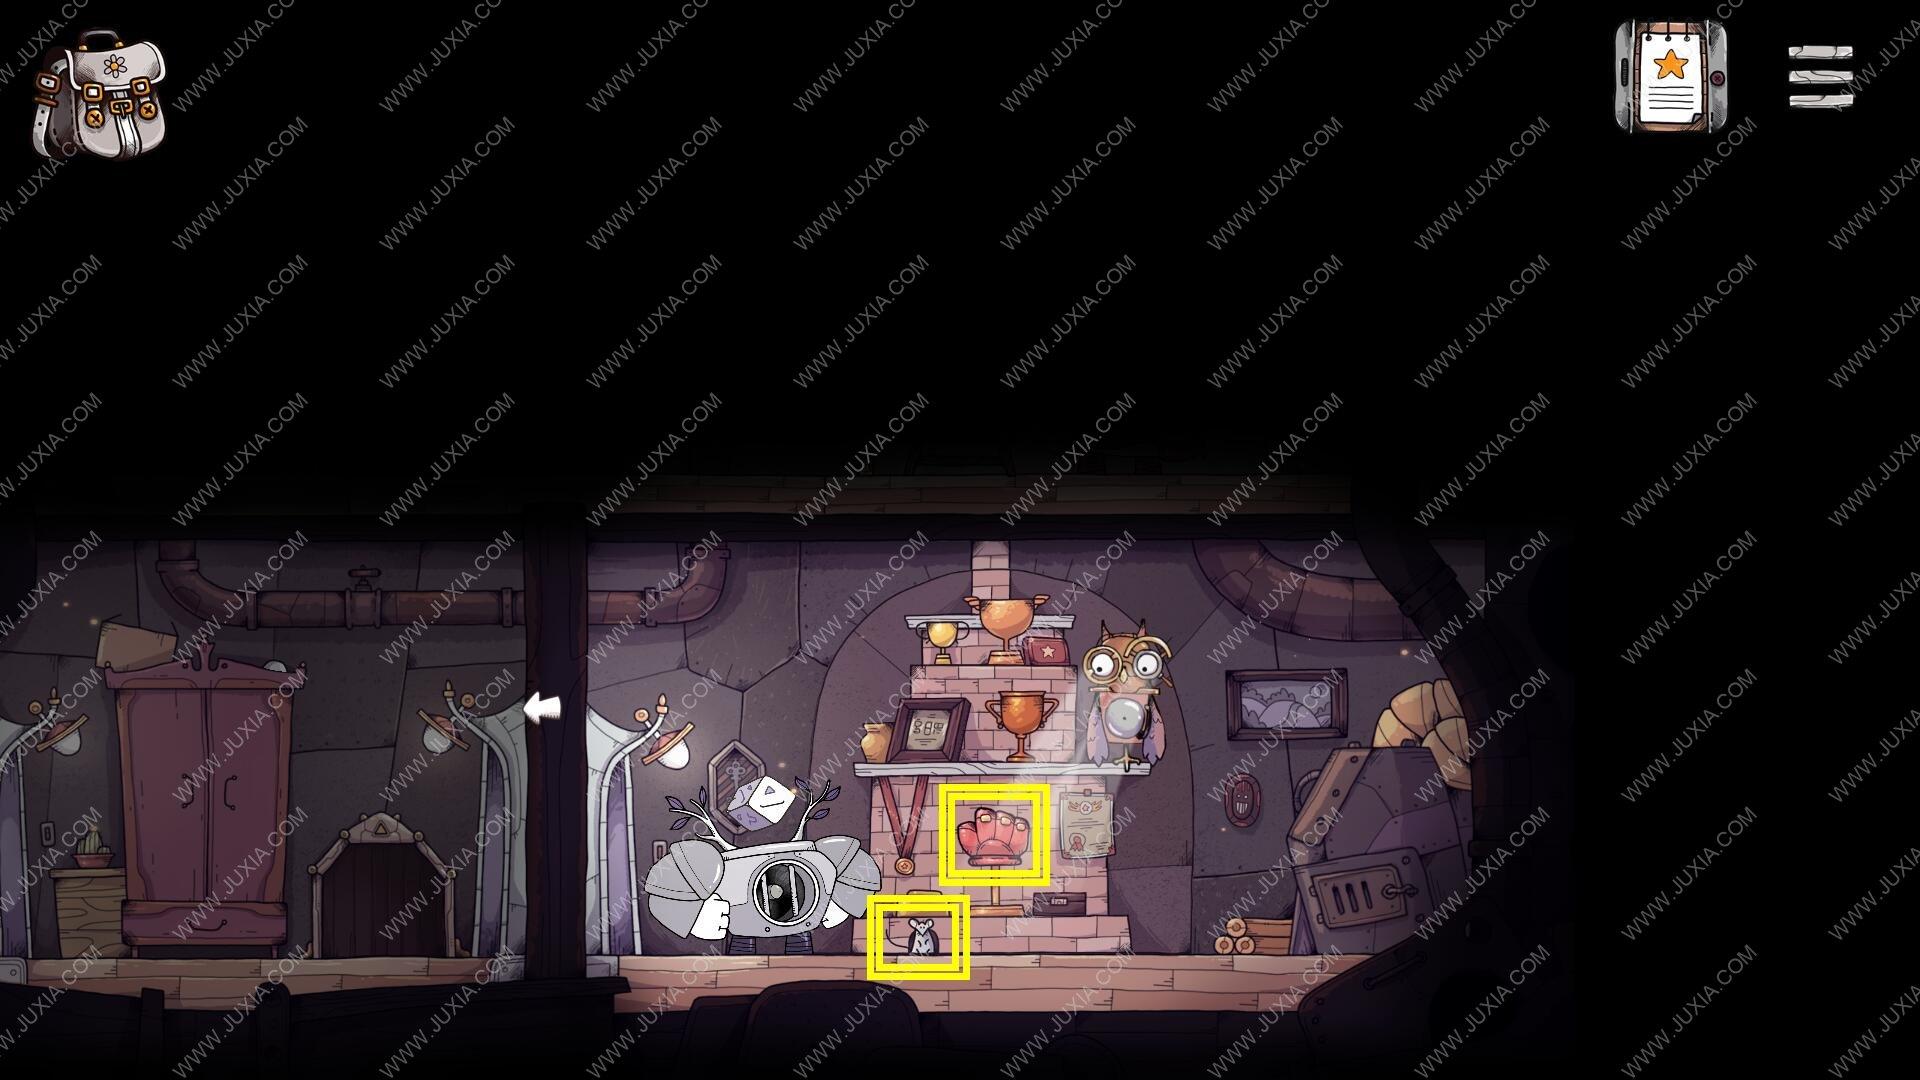 tohu游戏攻略第二章 第二章图文攻略接水管点石头顺序